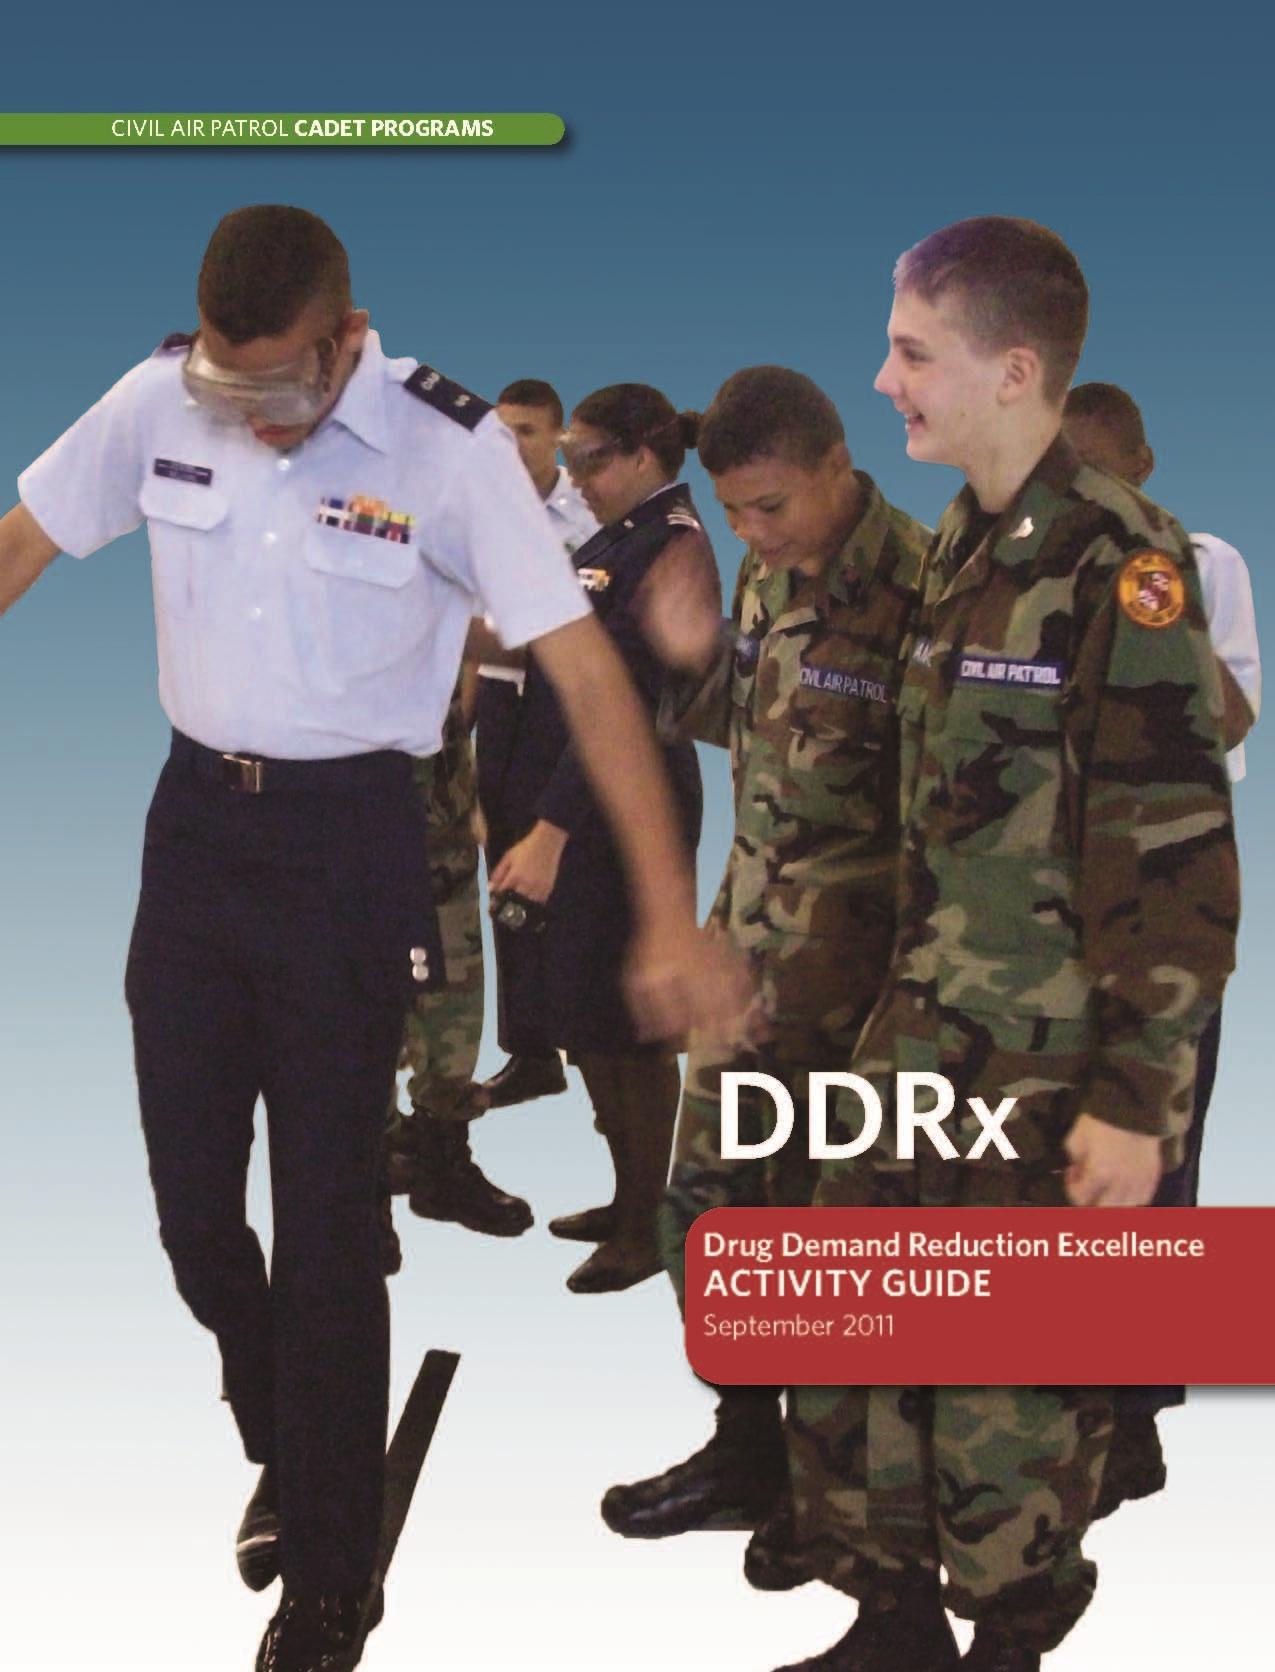 DDR-X